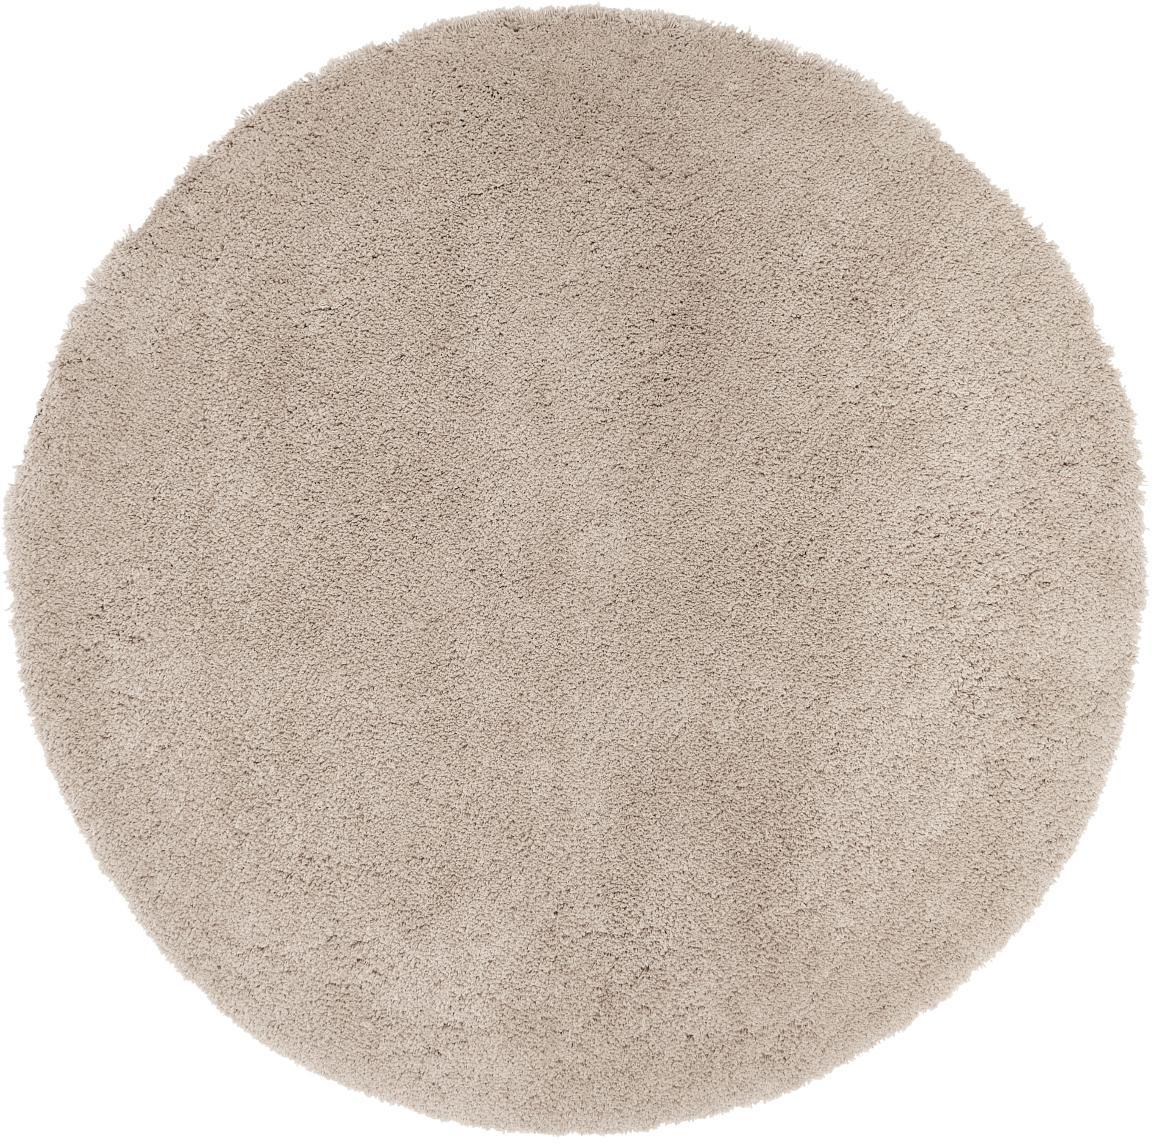 Okrągły puszysty dywan z wysokim stosem Leighton, Beżowo-brązowy, Ø 120 cm (Rozmiar S)